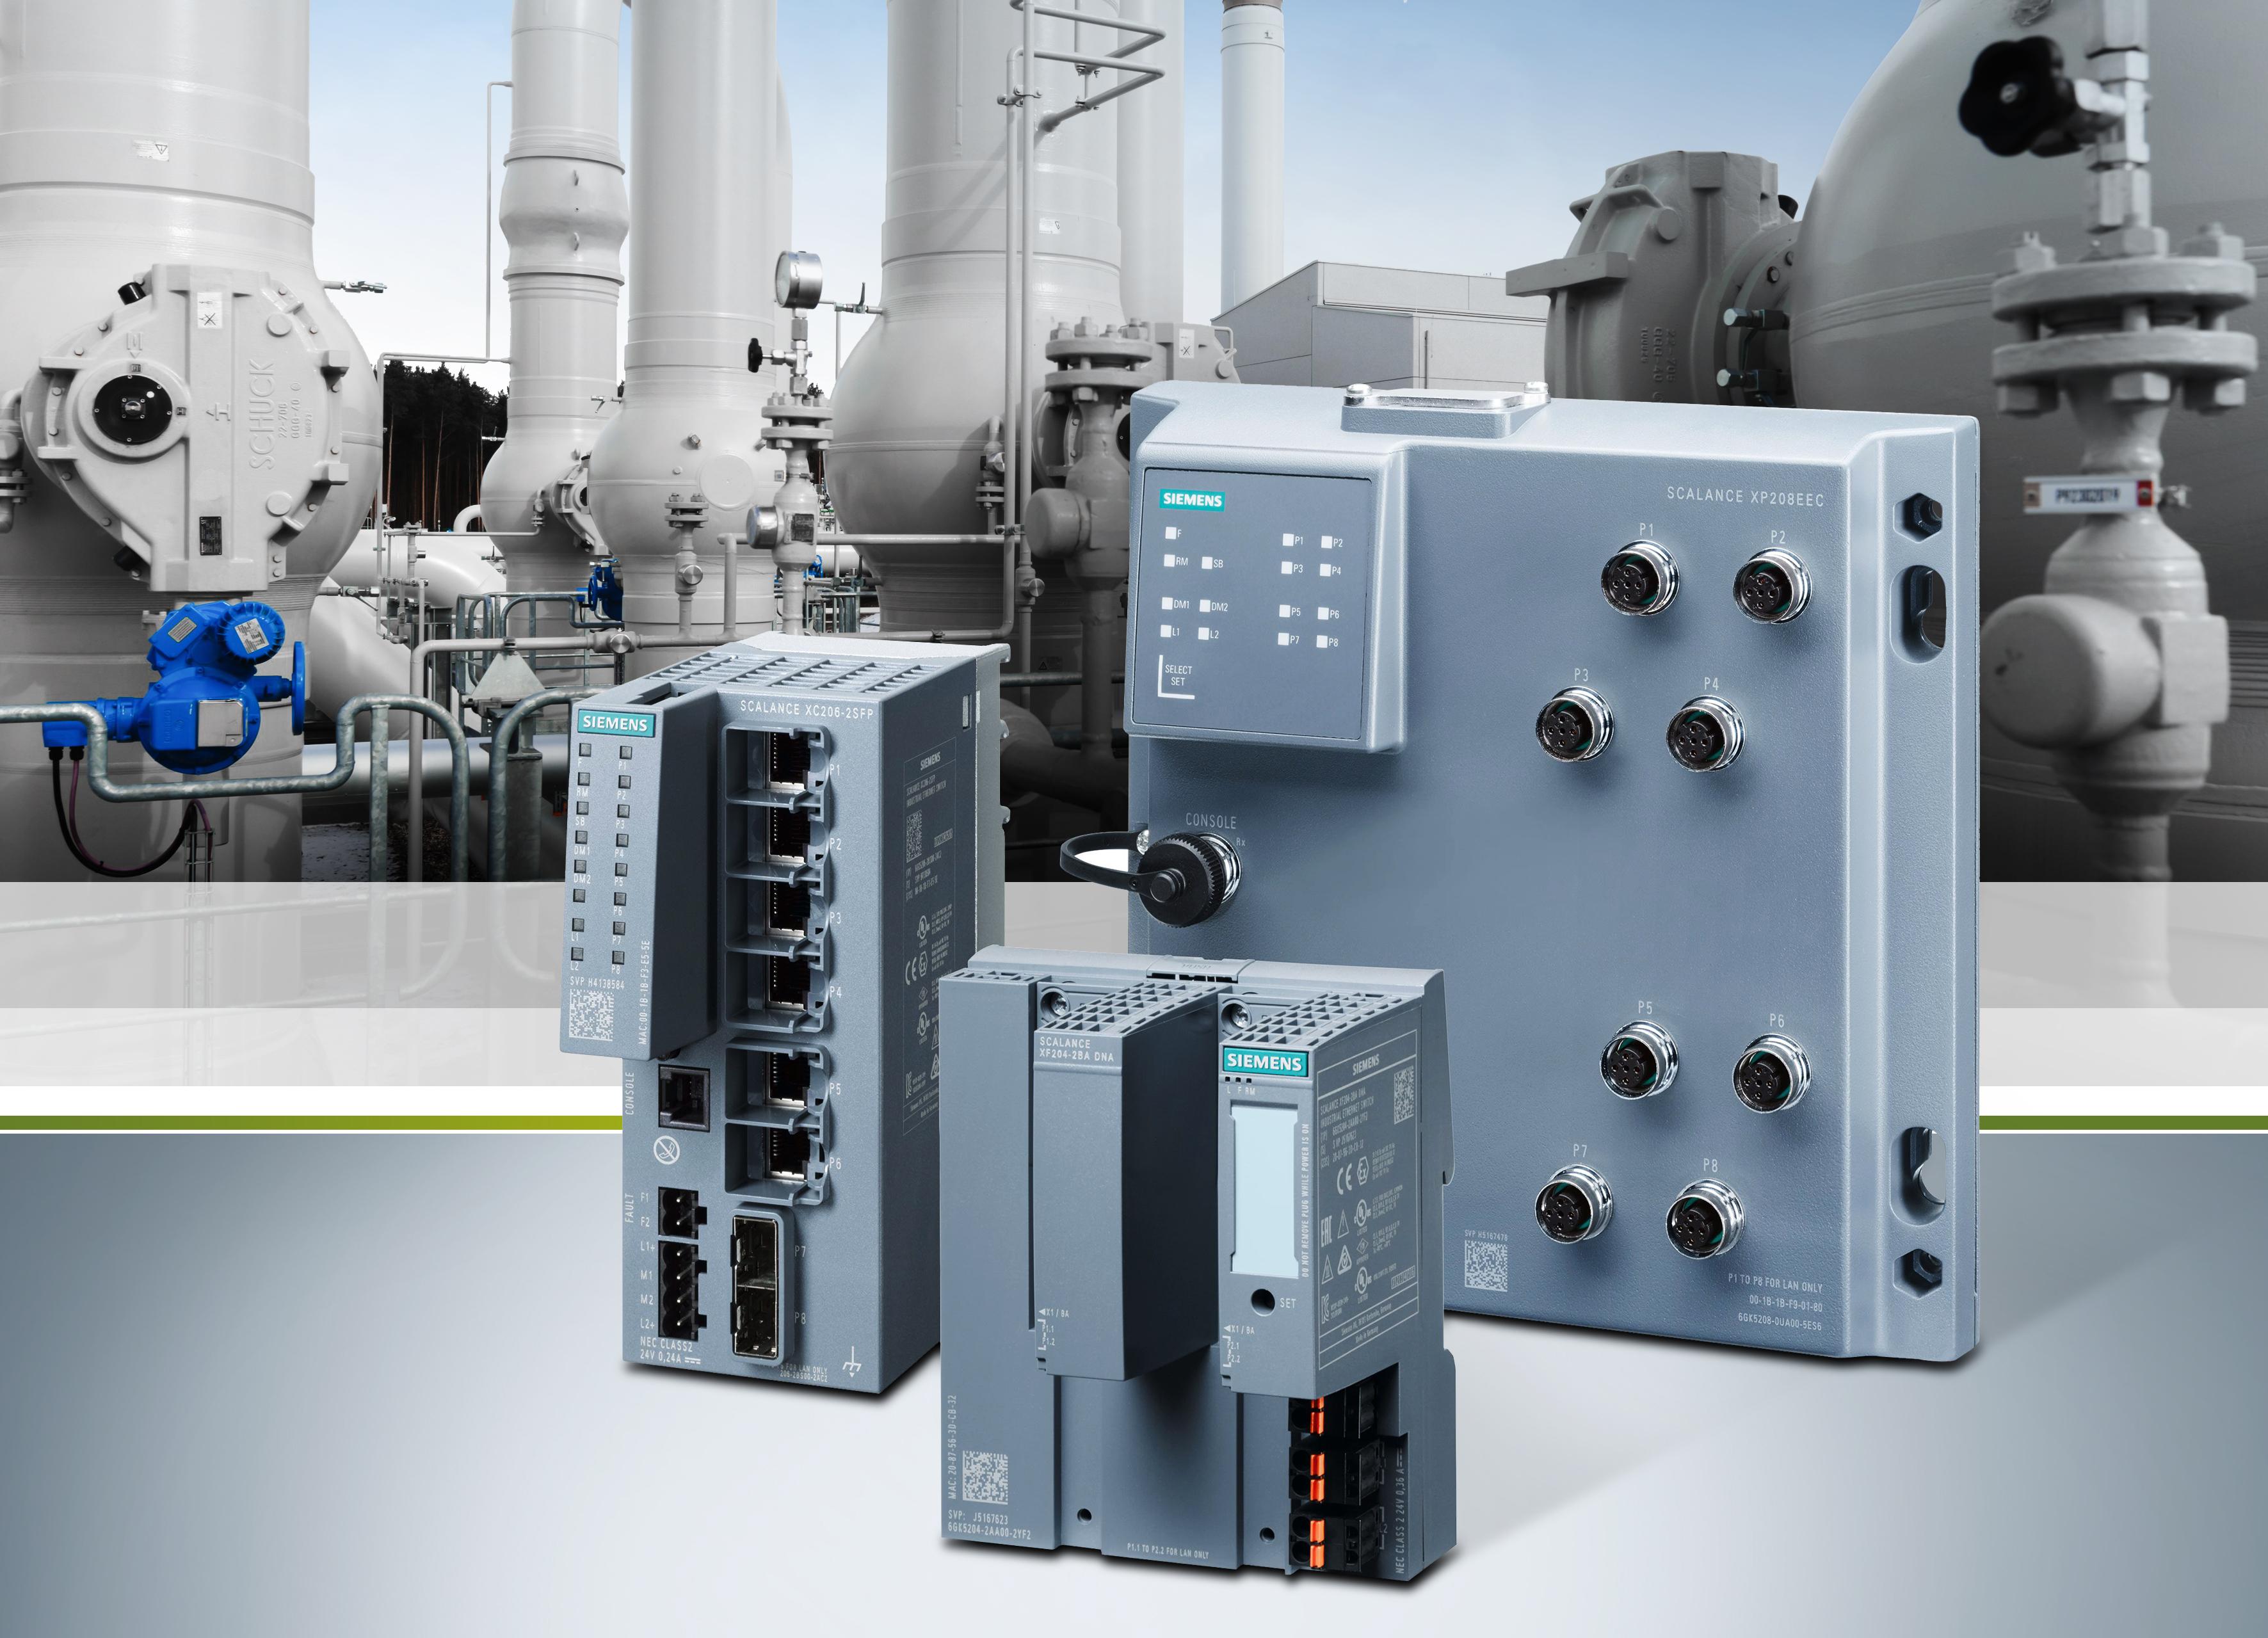 Siemens bringt neue Varianten von Industrial Ethernet Switches auf den Markt. Die neuen Produkte eignen sich durch ihre Firmware-Funktionen im Zusammenspiel mit dem Prozessleitsystem Simatic PCS 7 zur flexiblen, zuverlässigen und performanten Vernetzung von Geräten der Prozessautomatisierung.